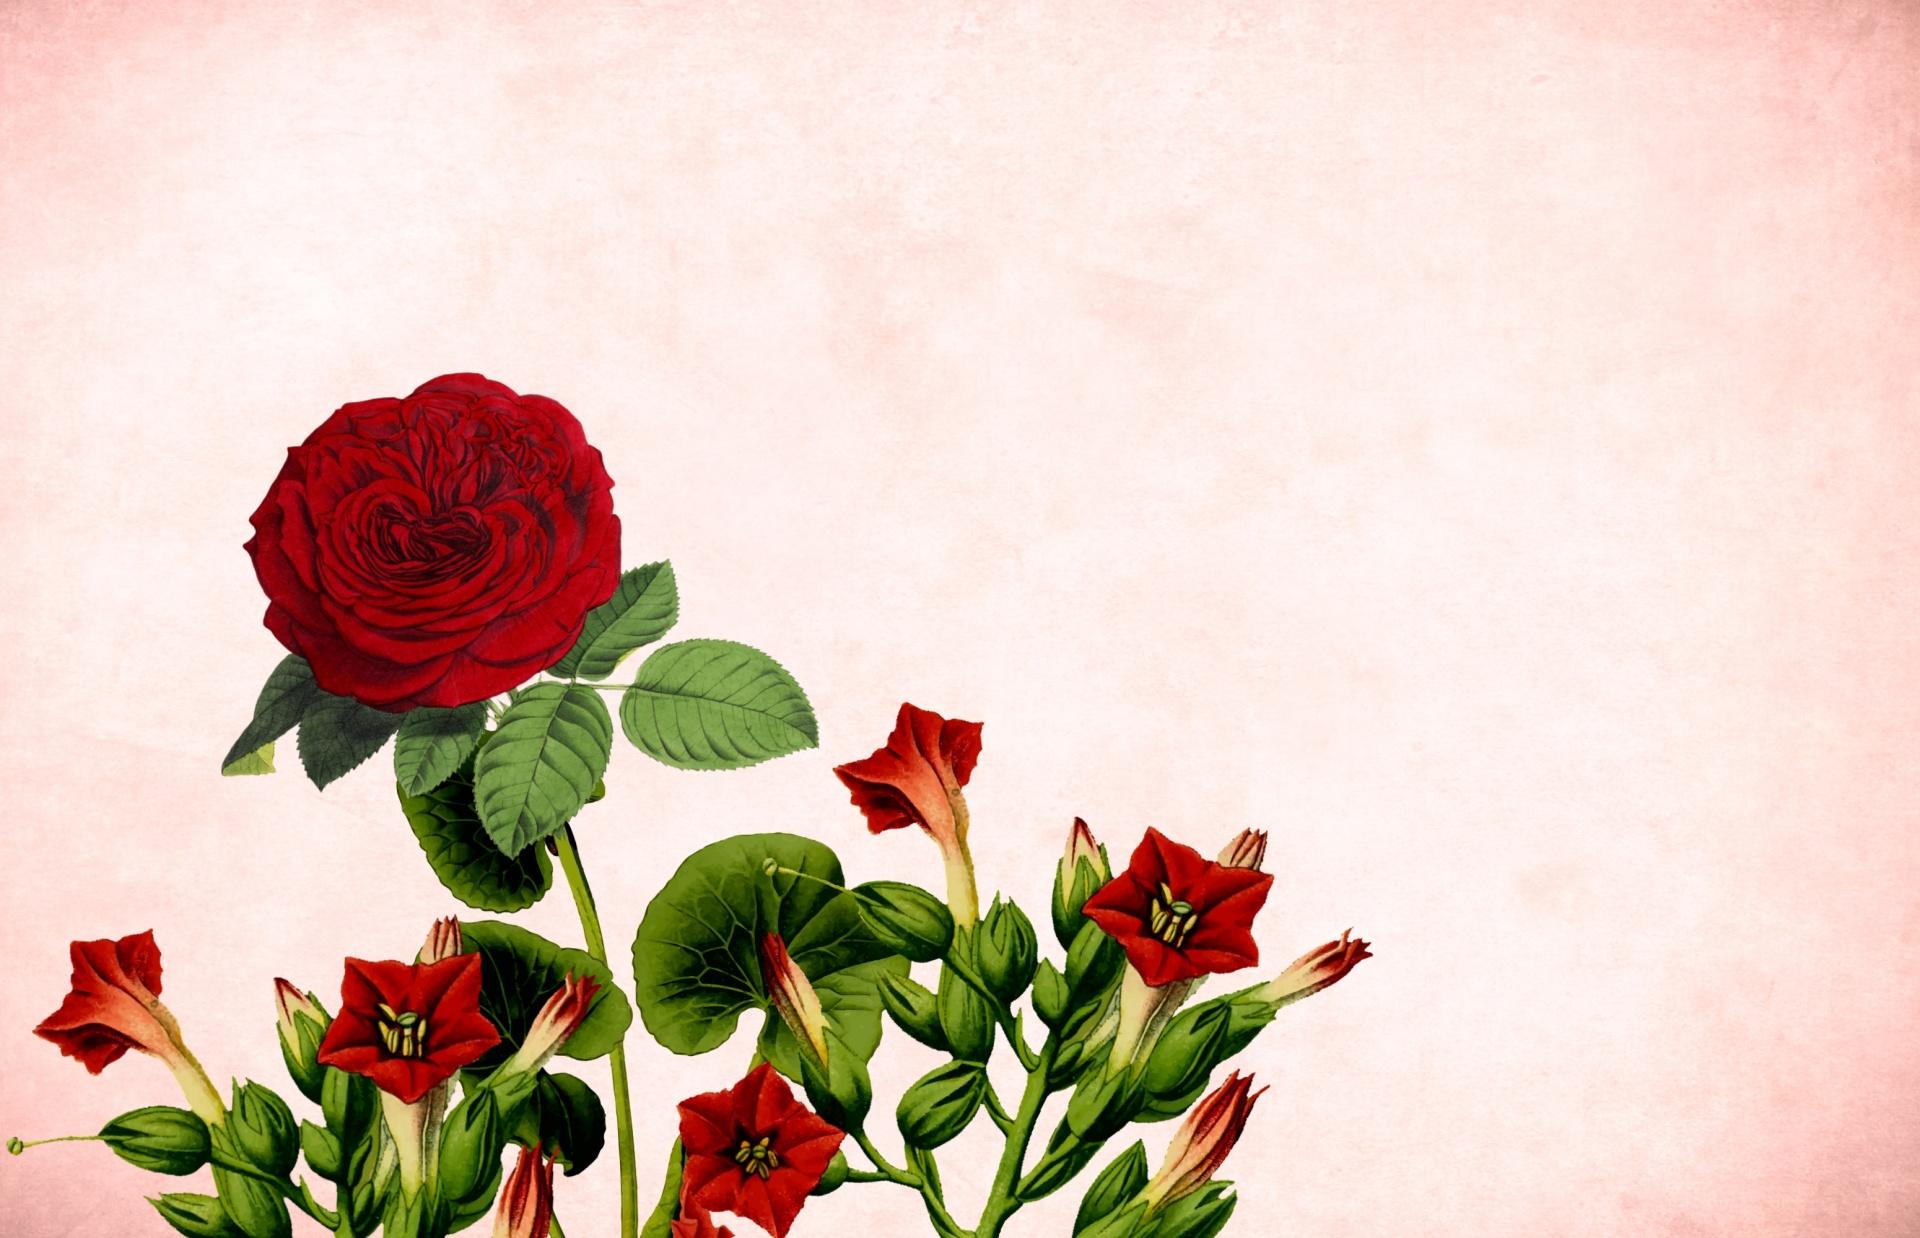 Hình ảnh background hoa hồng